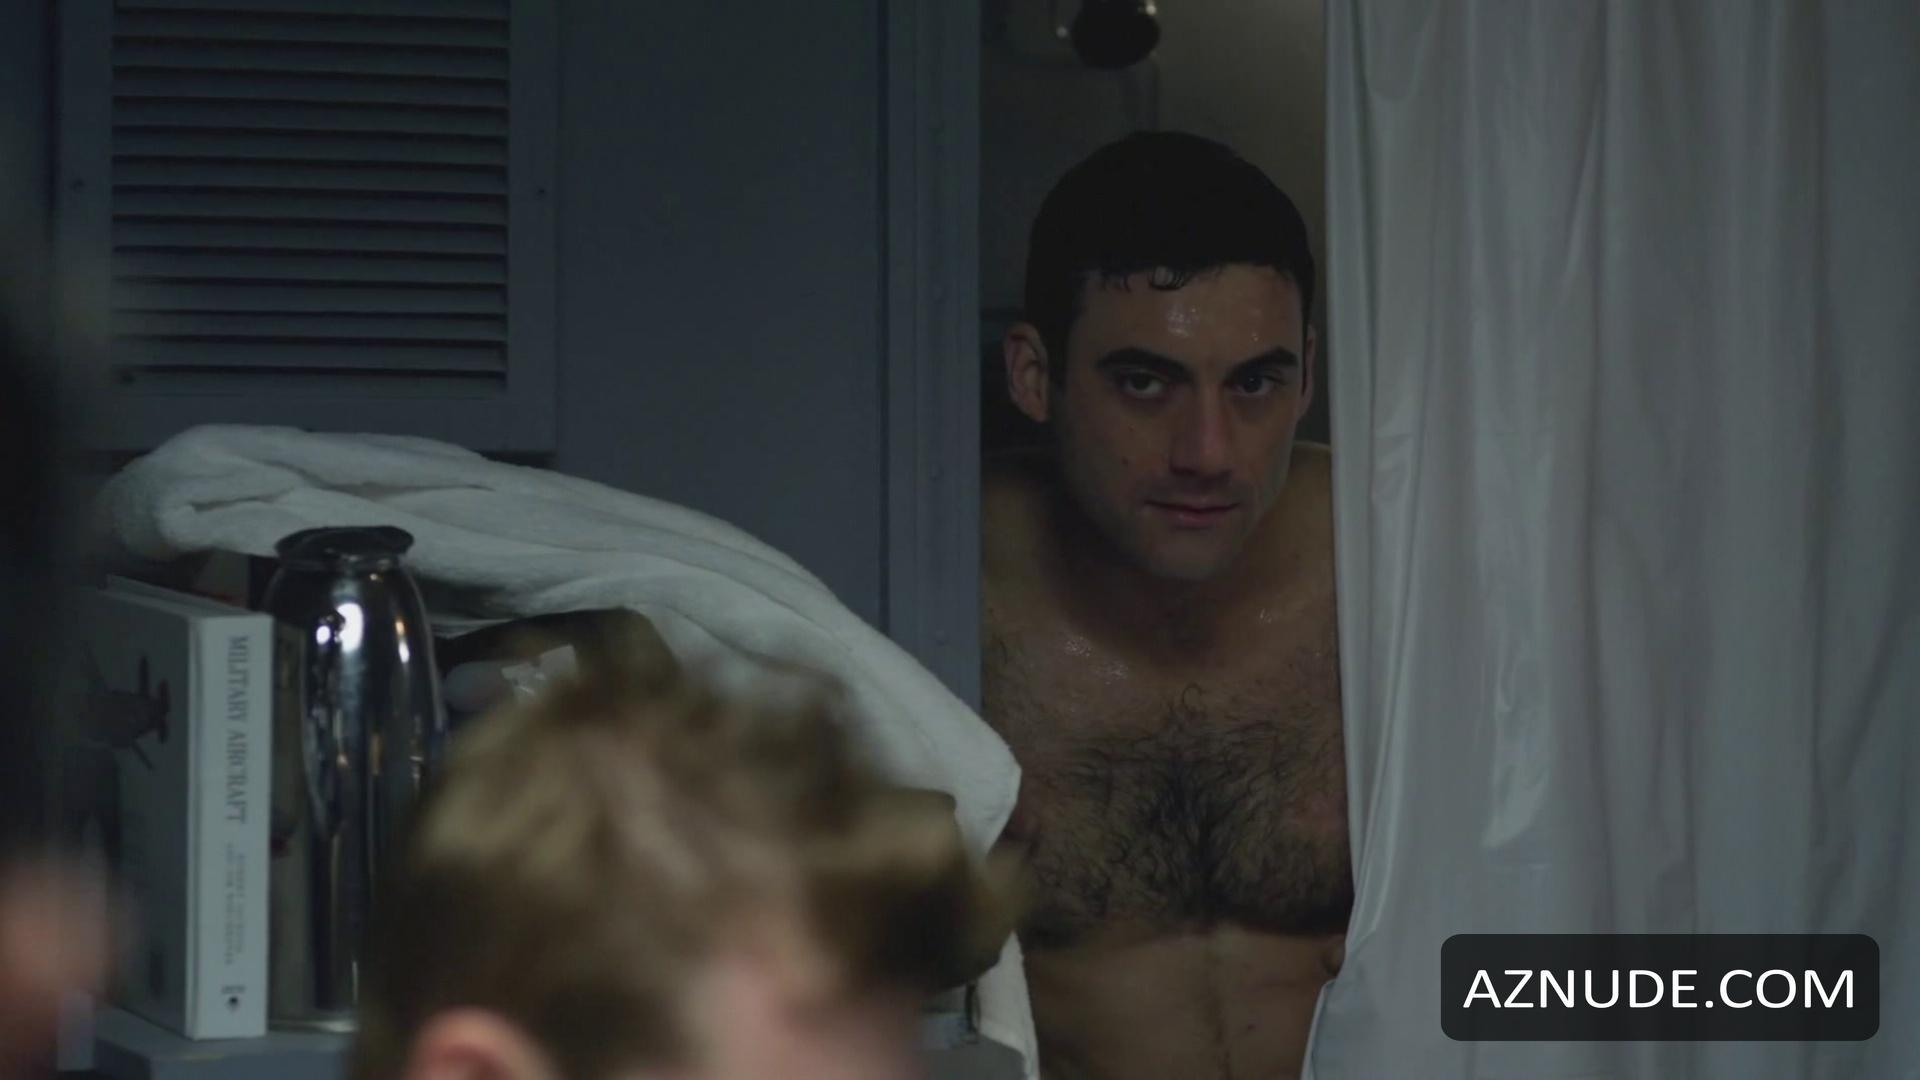 MORGAN SPECTOR Nude  AZNude Men